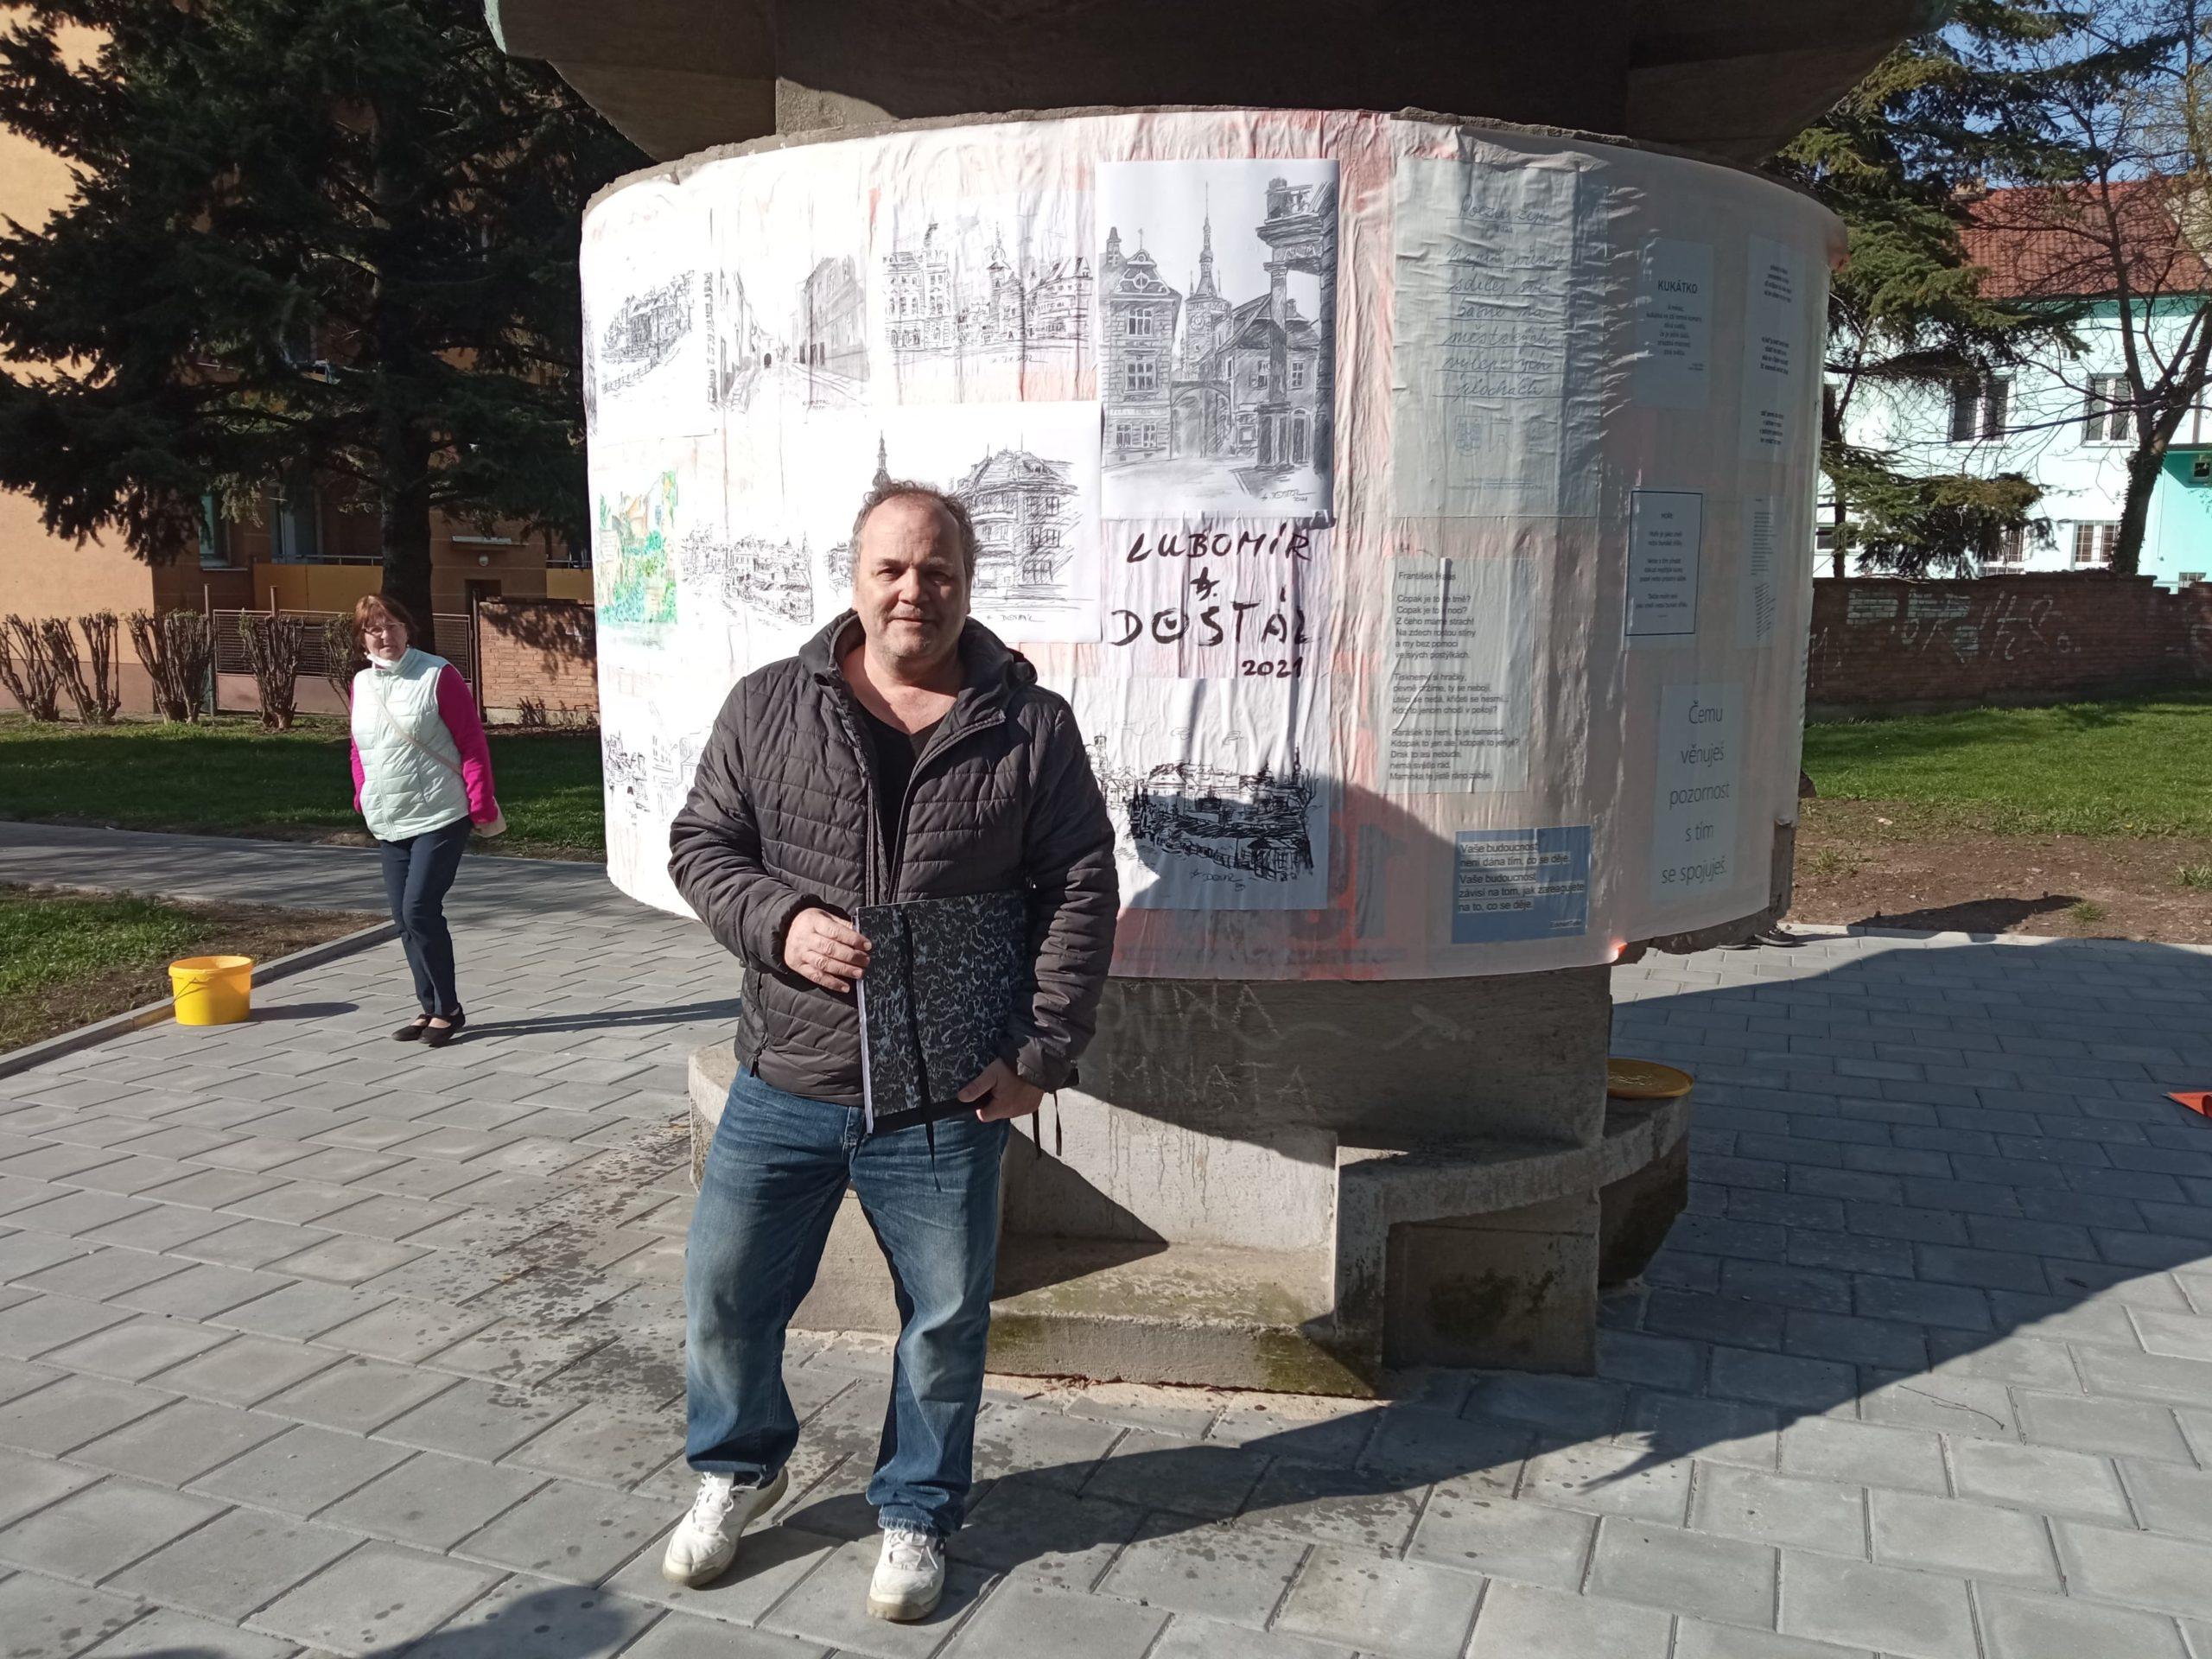 Přerovský malíř Lubomír Dostál zahájil Výstavu pod širým nebem